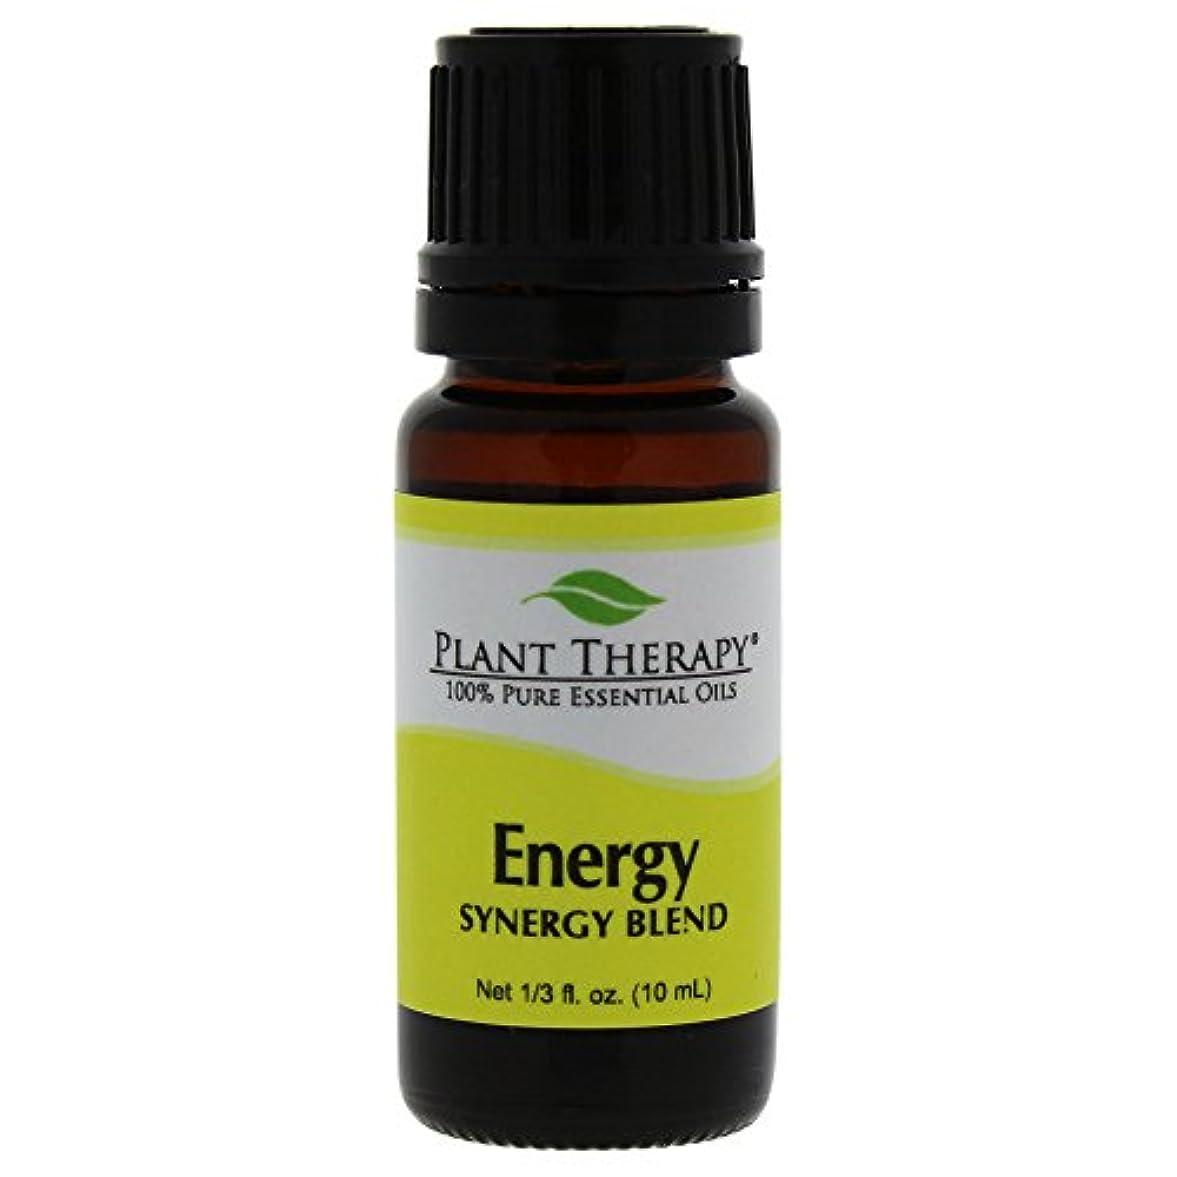 またグレートオーク昼間Plant Therapy Essential Oils (プラントセラピー エッセンシャルオイル) エネルギー シネジー エッセンシャルオイル ブレンド (身体的エネルギー)10 ml